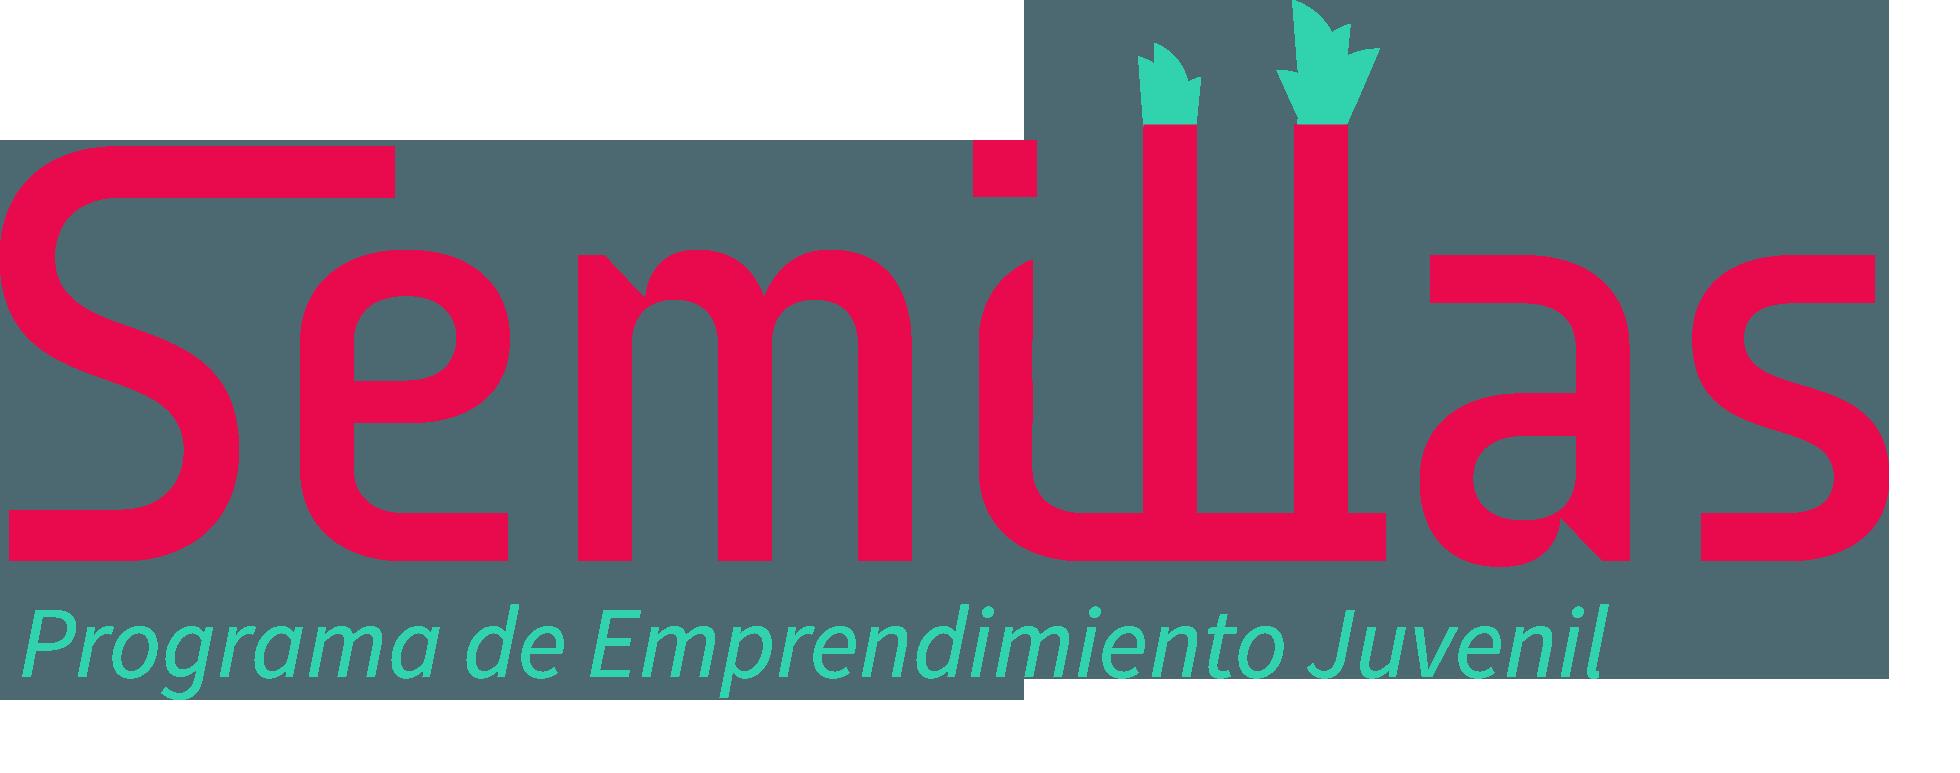 Programa de emprendimiento Juvenil - Semillas 2021 - Lanzadera Cuenca